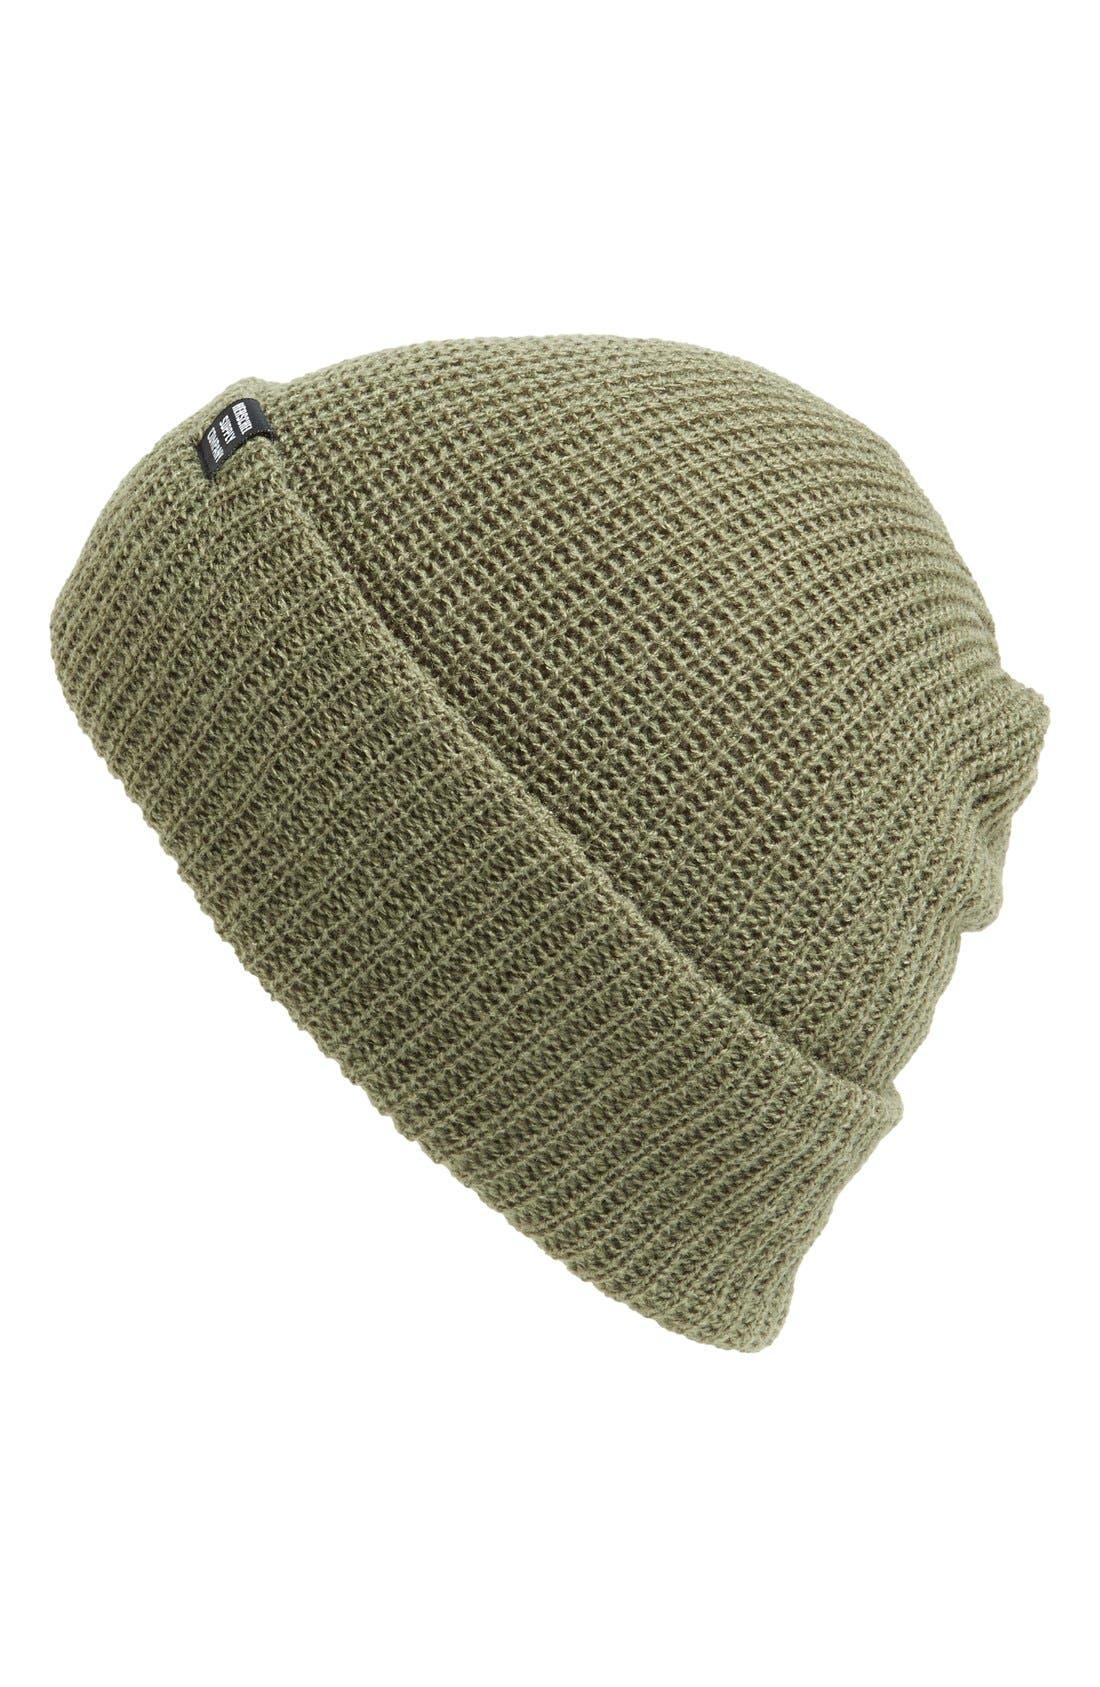 'Quartz' Solid Knit Cap,                             Main thumbnail 5, color,